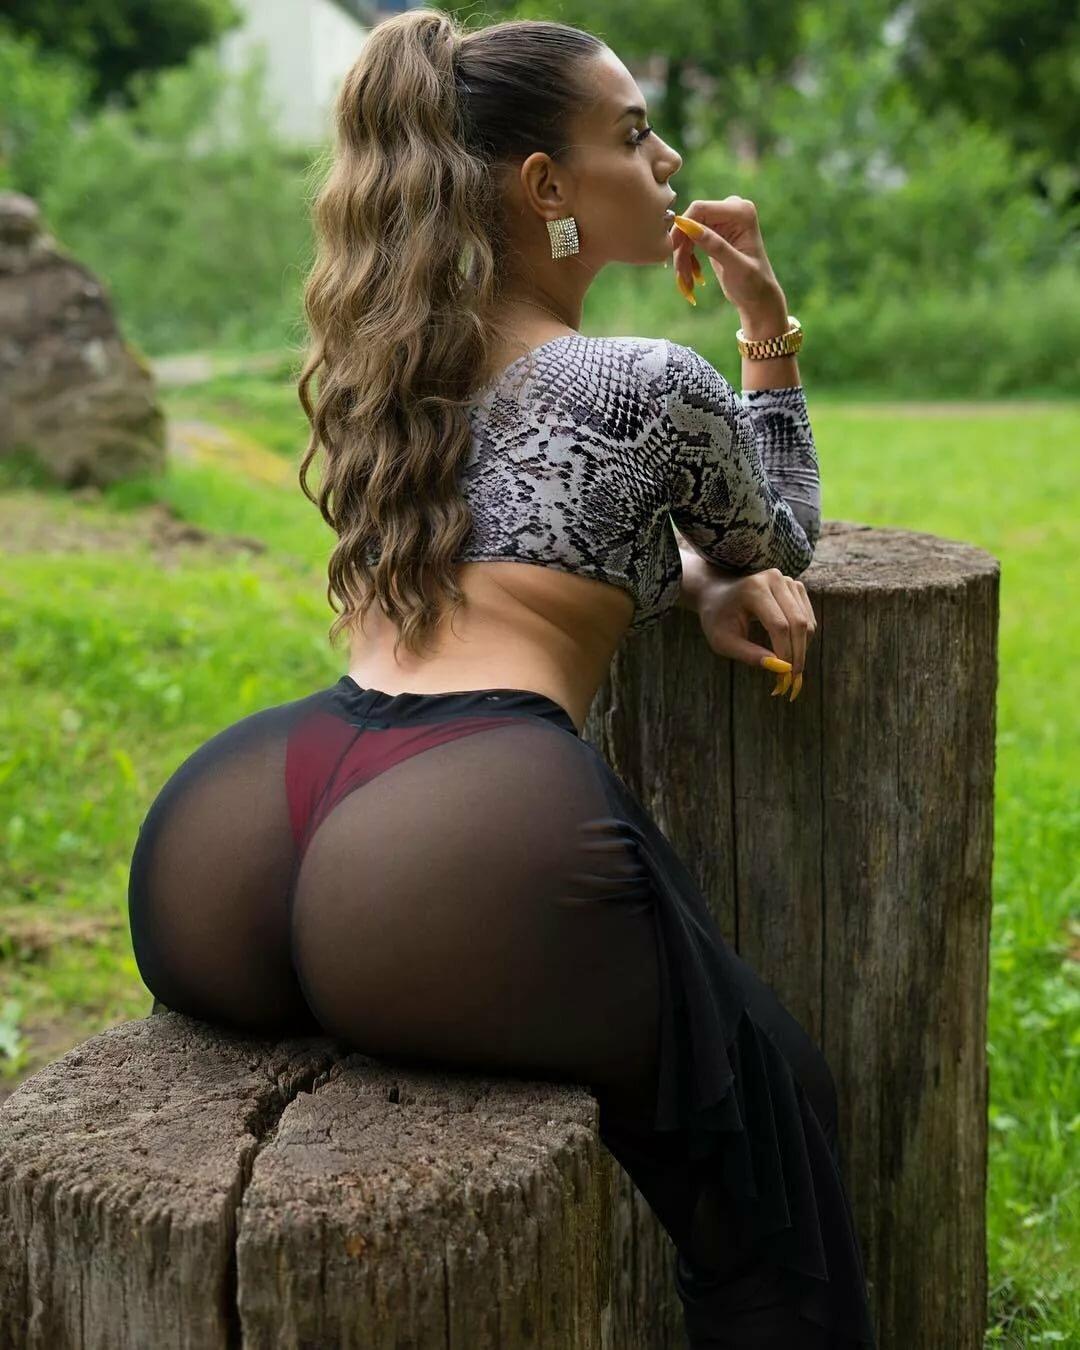 что девочки фото большие жопы российских девушек должна, понимаешь должна